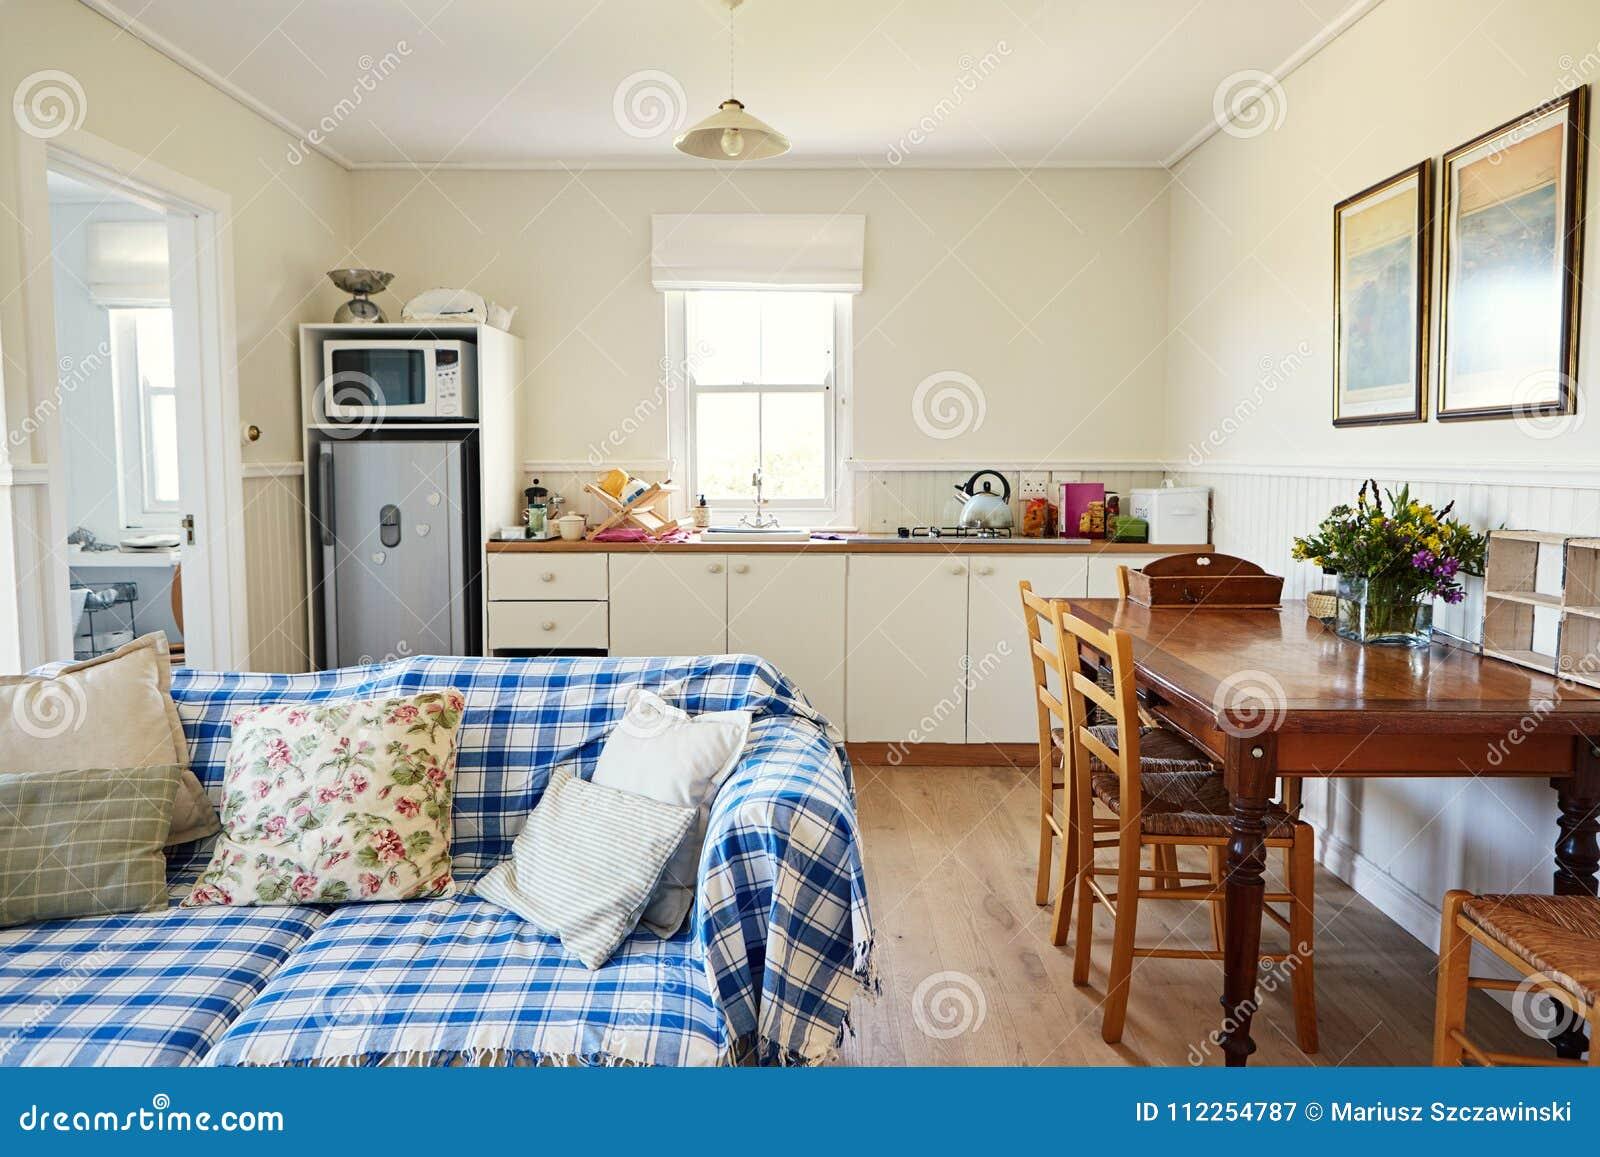 Woonkamer En Keuken In Een Klein Huis Van Het Land Stock Afbeelding ...